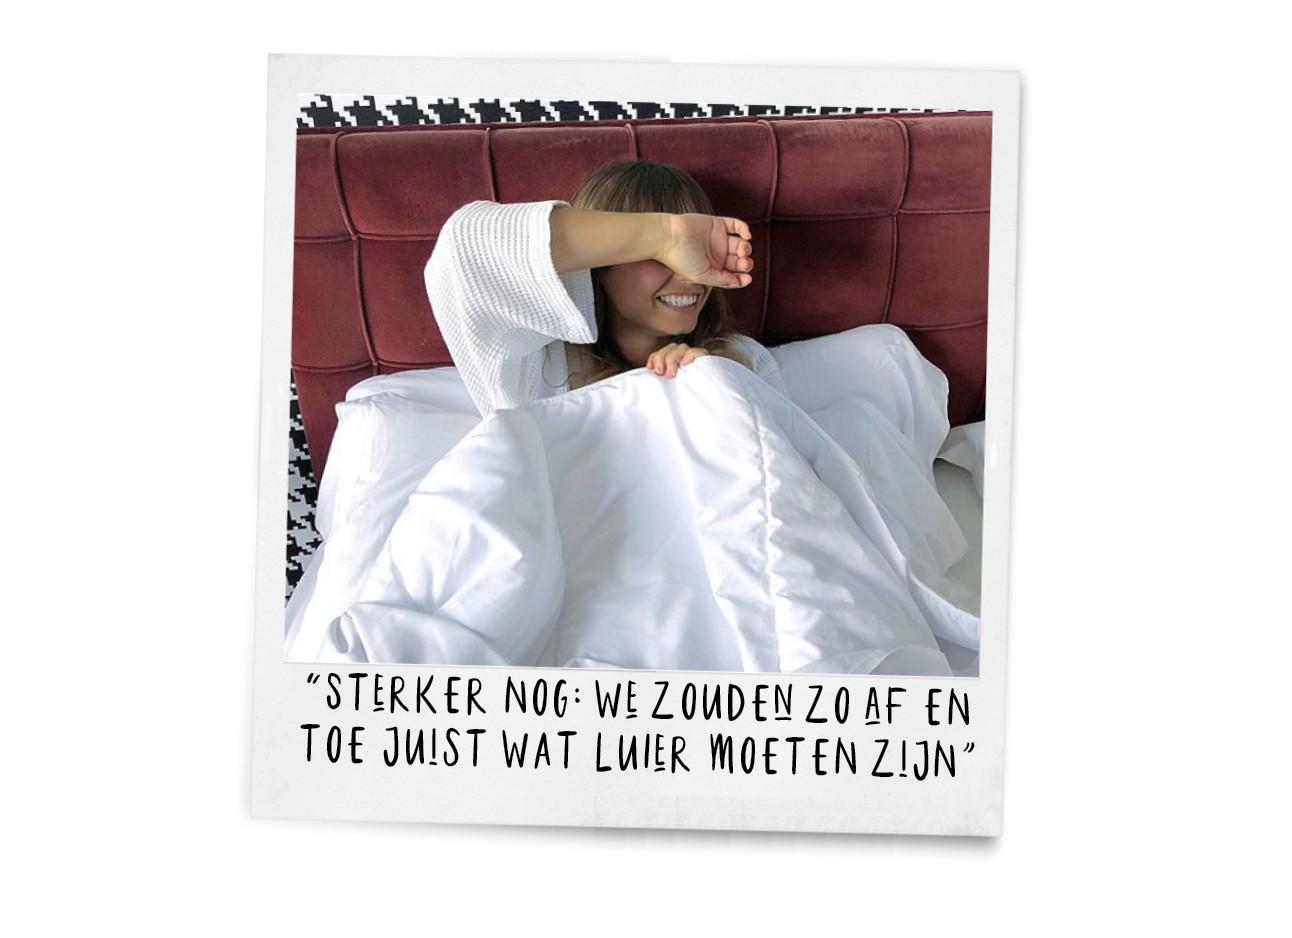 kiki duren in bed in een hotel met witte lakens en witte badjas, hand voor dr gezicht